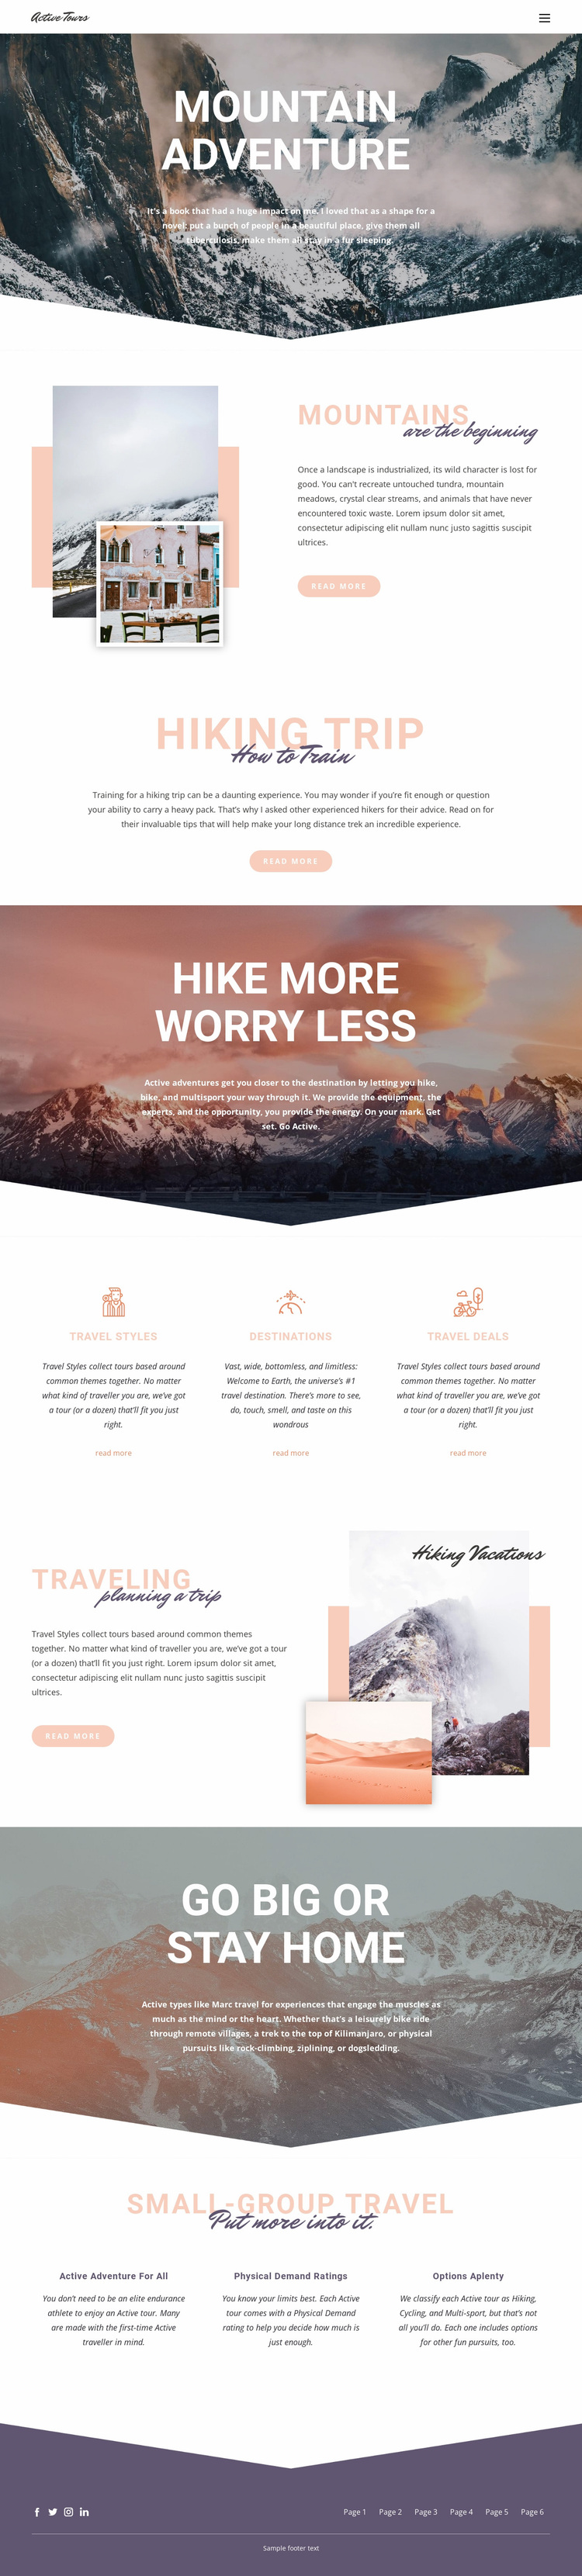 Mountain Adventure Website Design